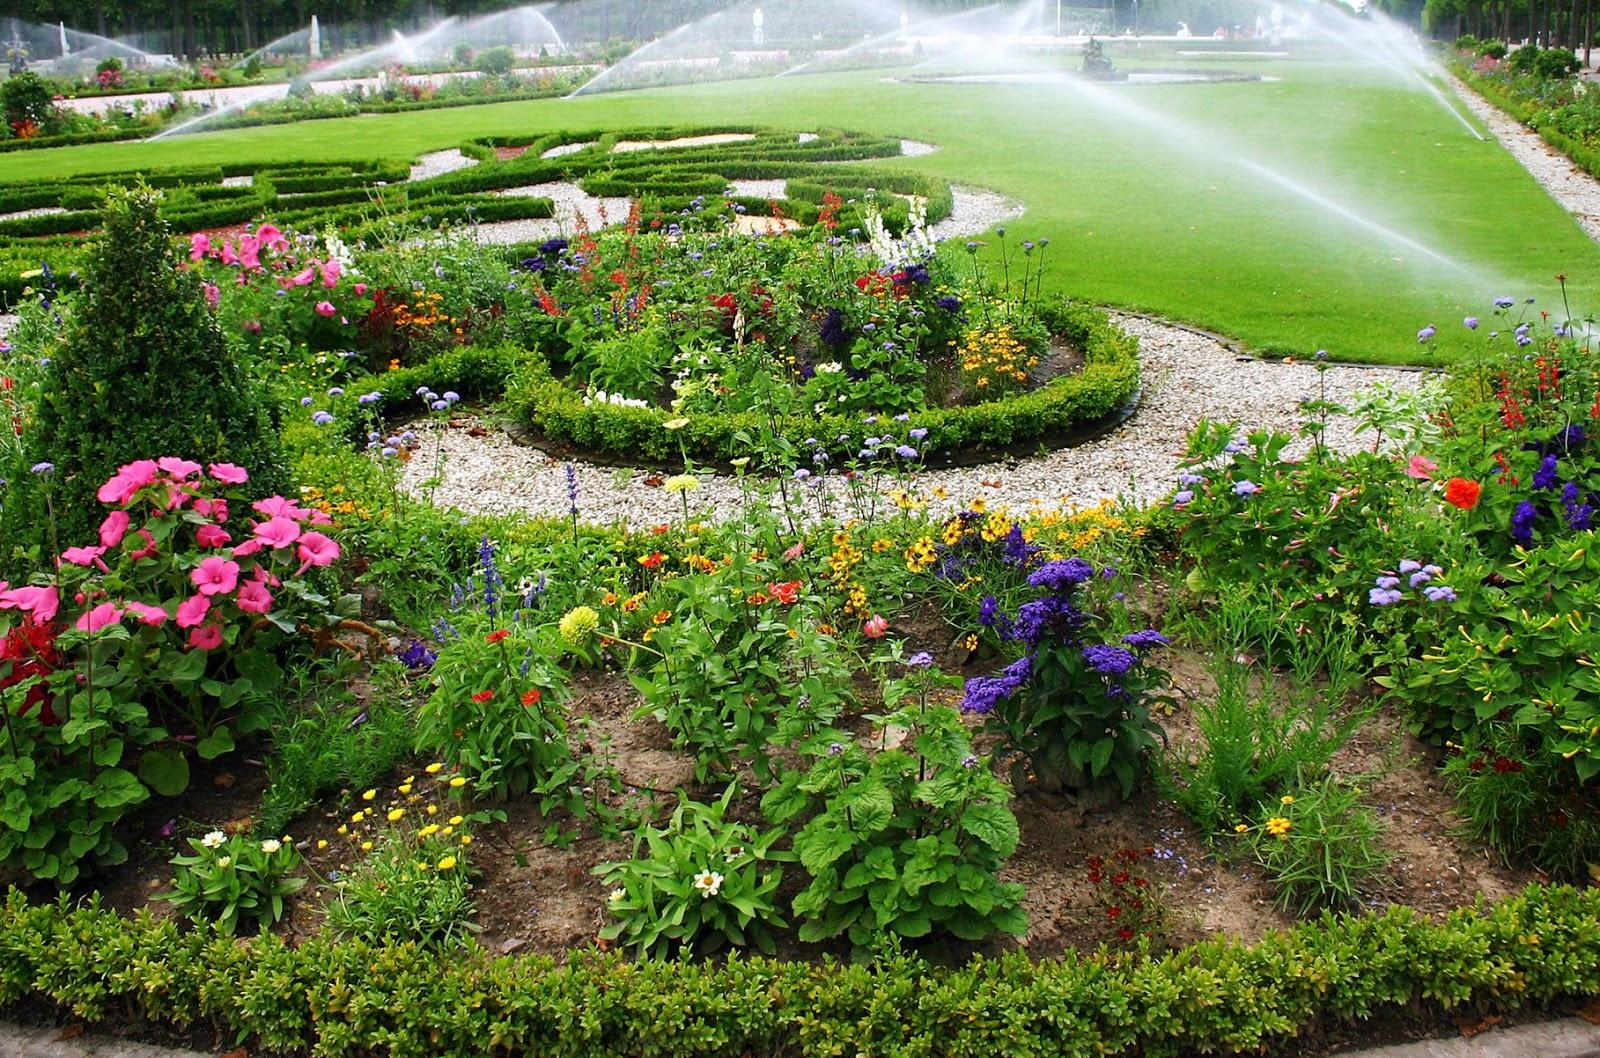 Banco de im genes gratis 8 fotos de jardines plantas y - Fotos de jardines ...